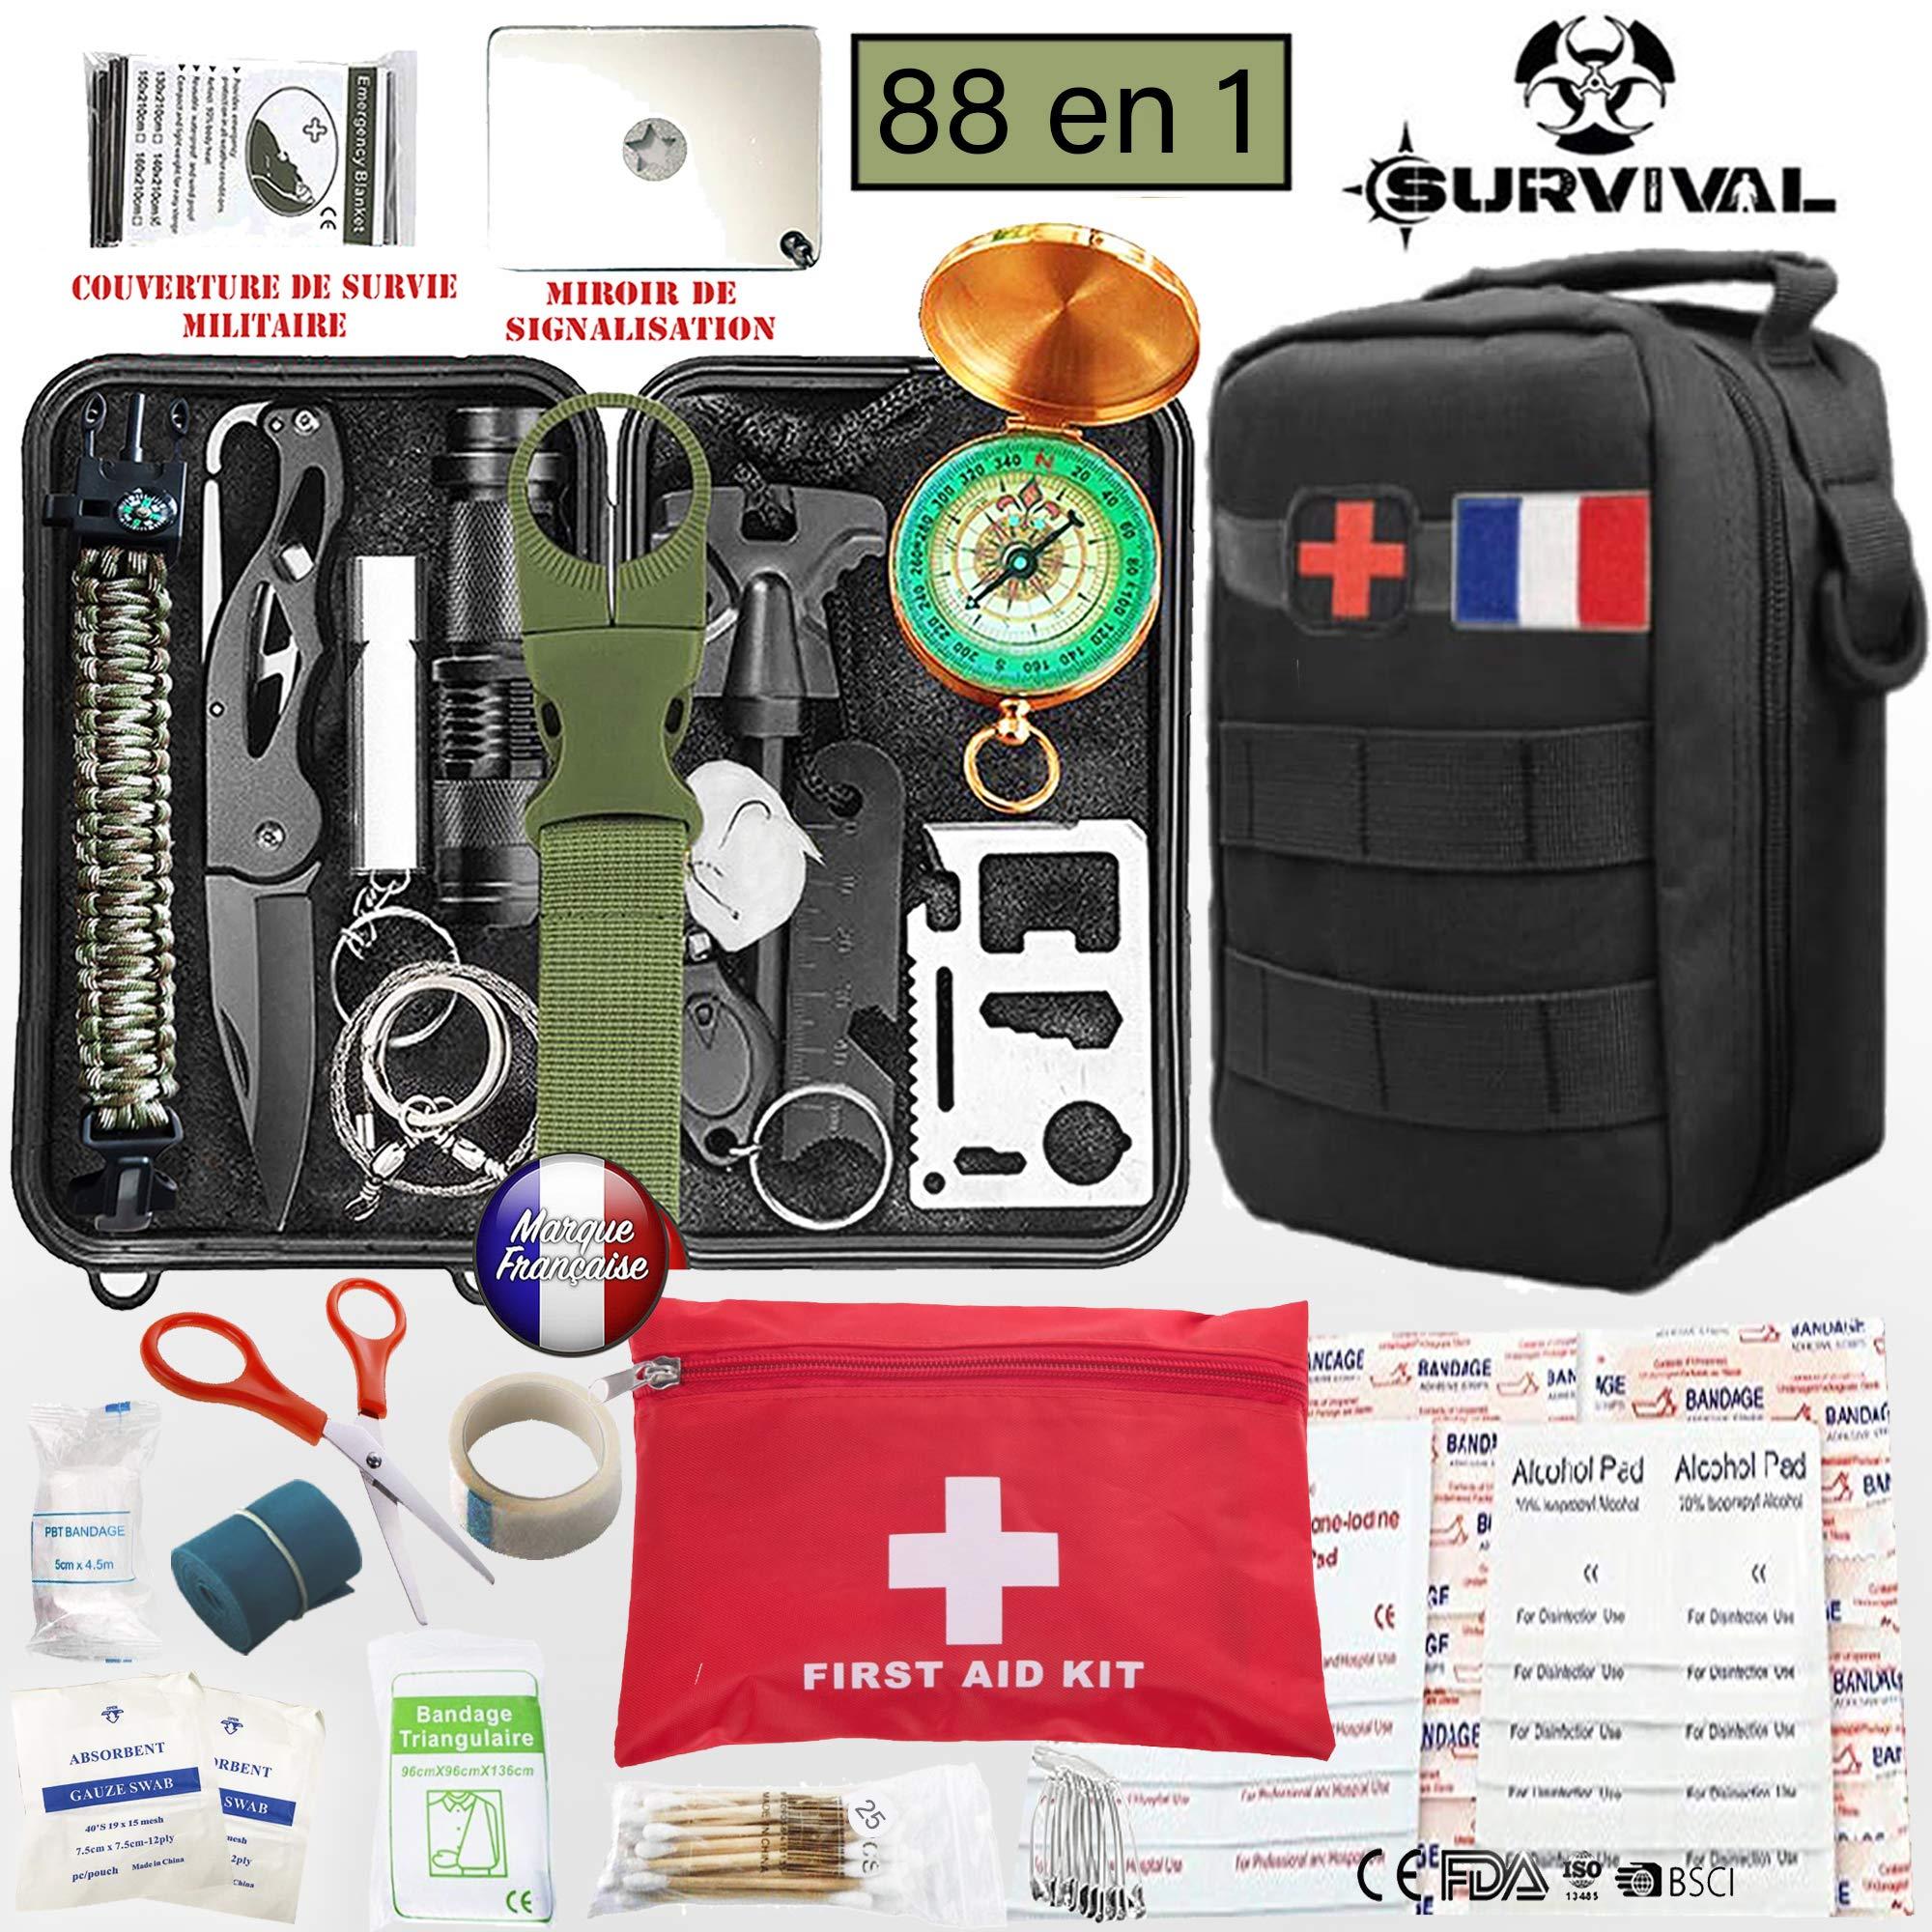 Kit de survie d urgence 88 en 1   Nouveau Model 2019   Avec Trousse de  Premiers Secours,Couteau de Survie,Lampe de Poche,Allume  Feu,Boussole,camping ... cd098e05f39